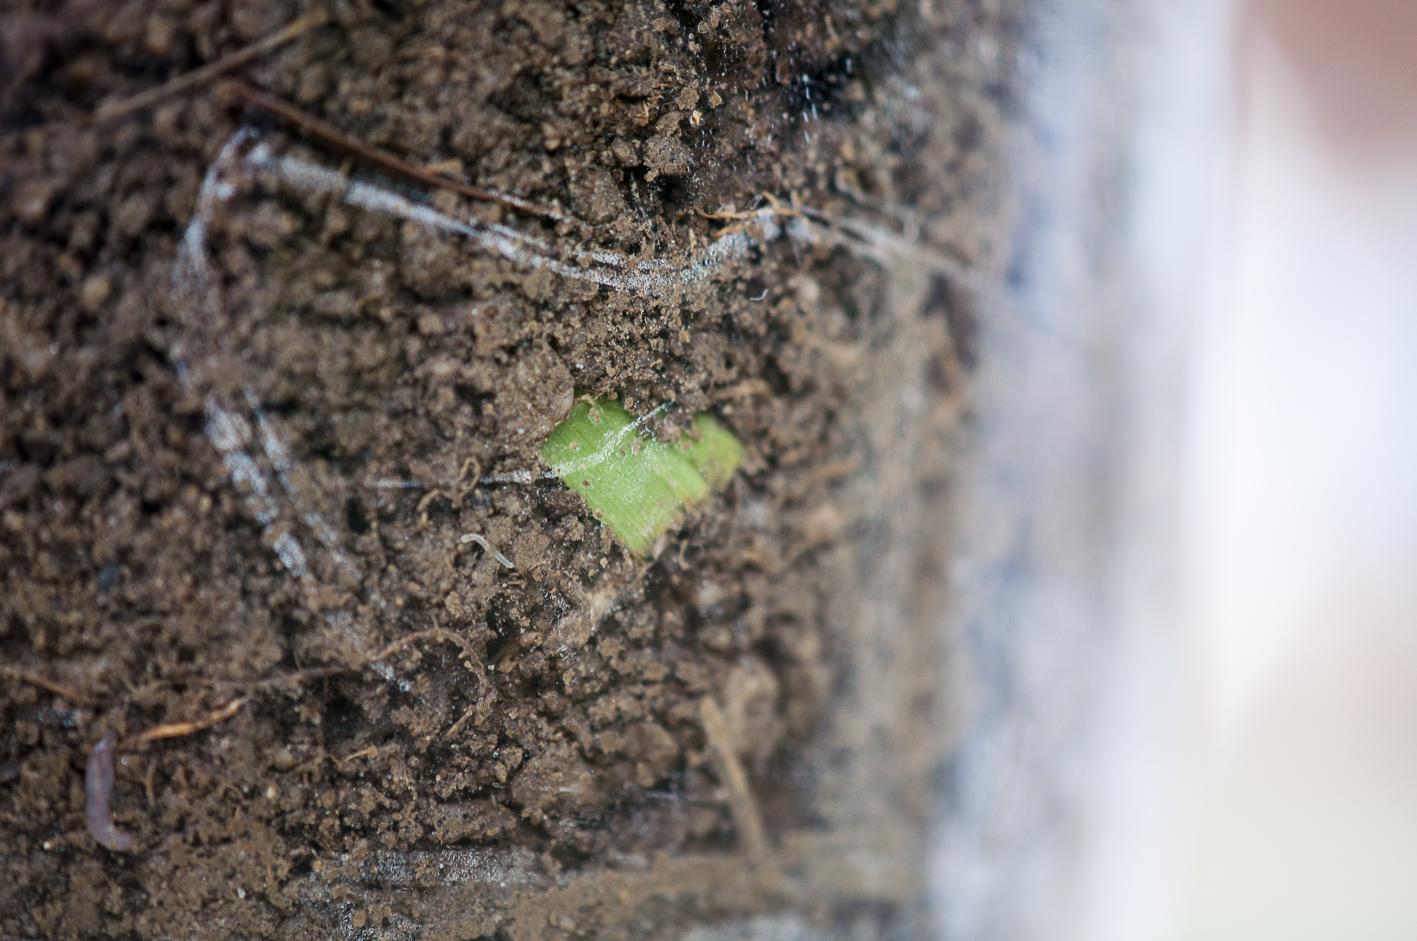 Tasting_forum Kostbarer Boden Bio-Boden Bio-Wein Bodeneluat Verkostung Bio 3.0 #biodreinull Biolandgut Esterhazy Donnerskirchen